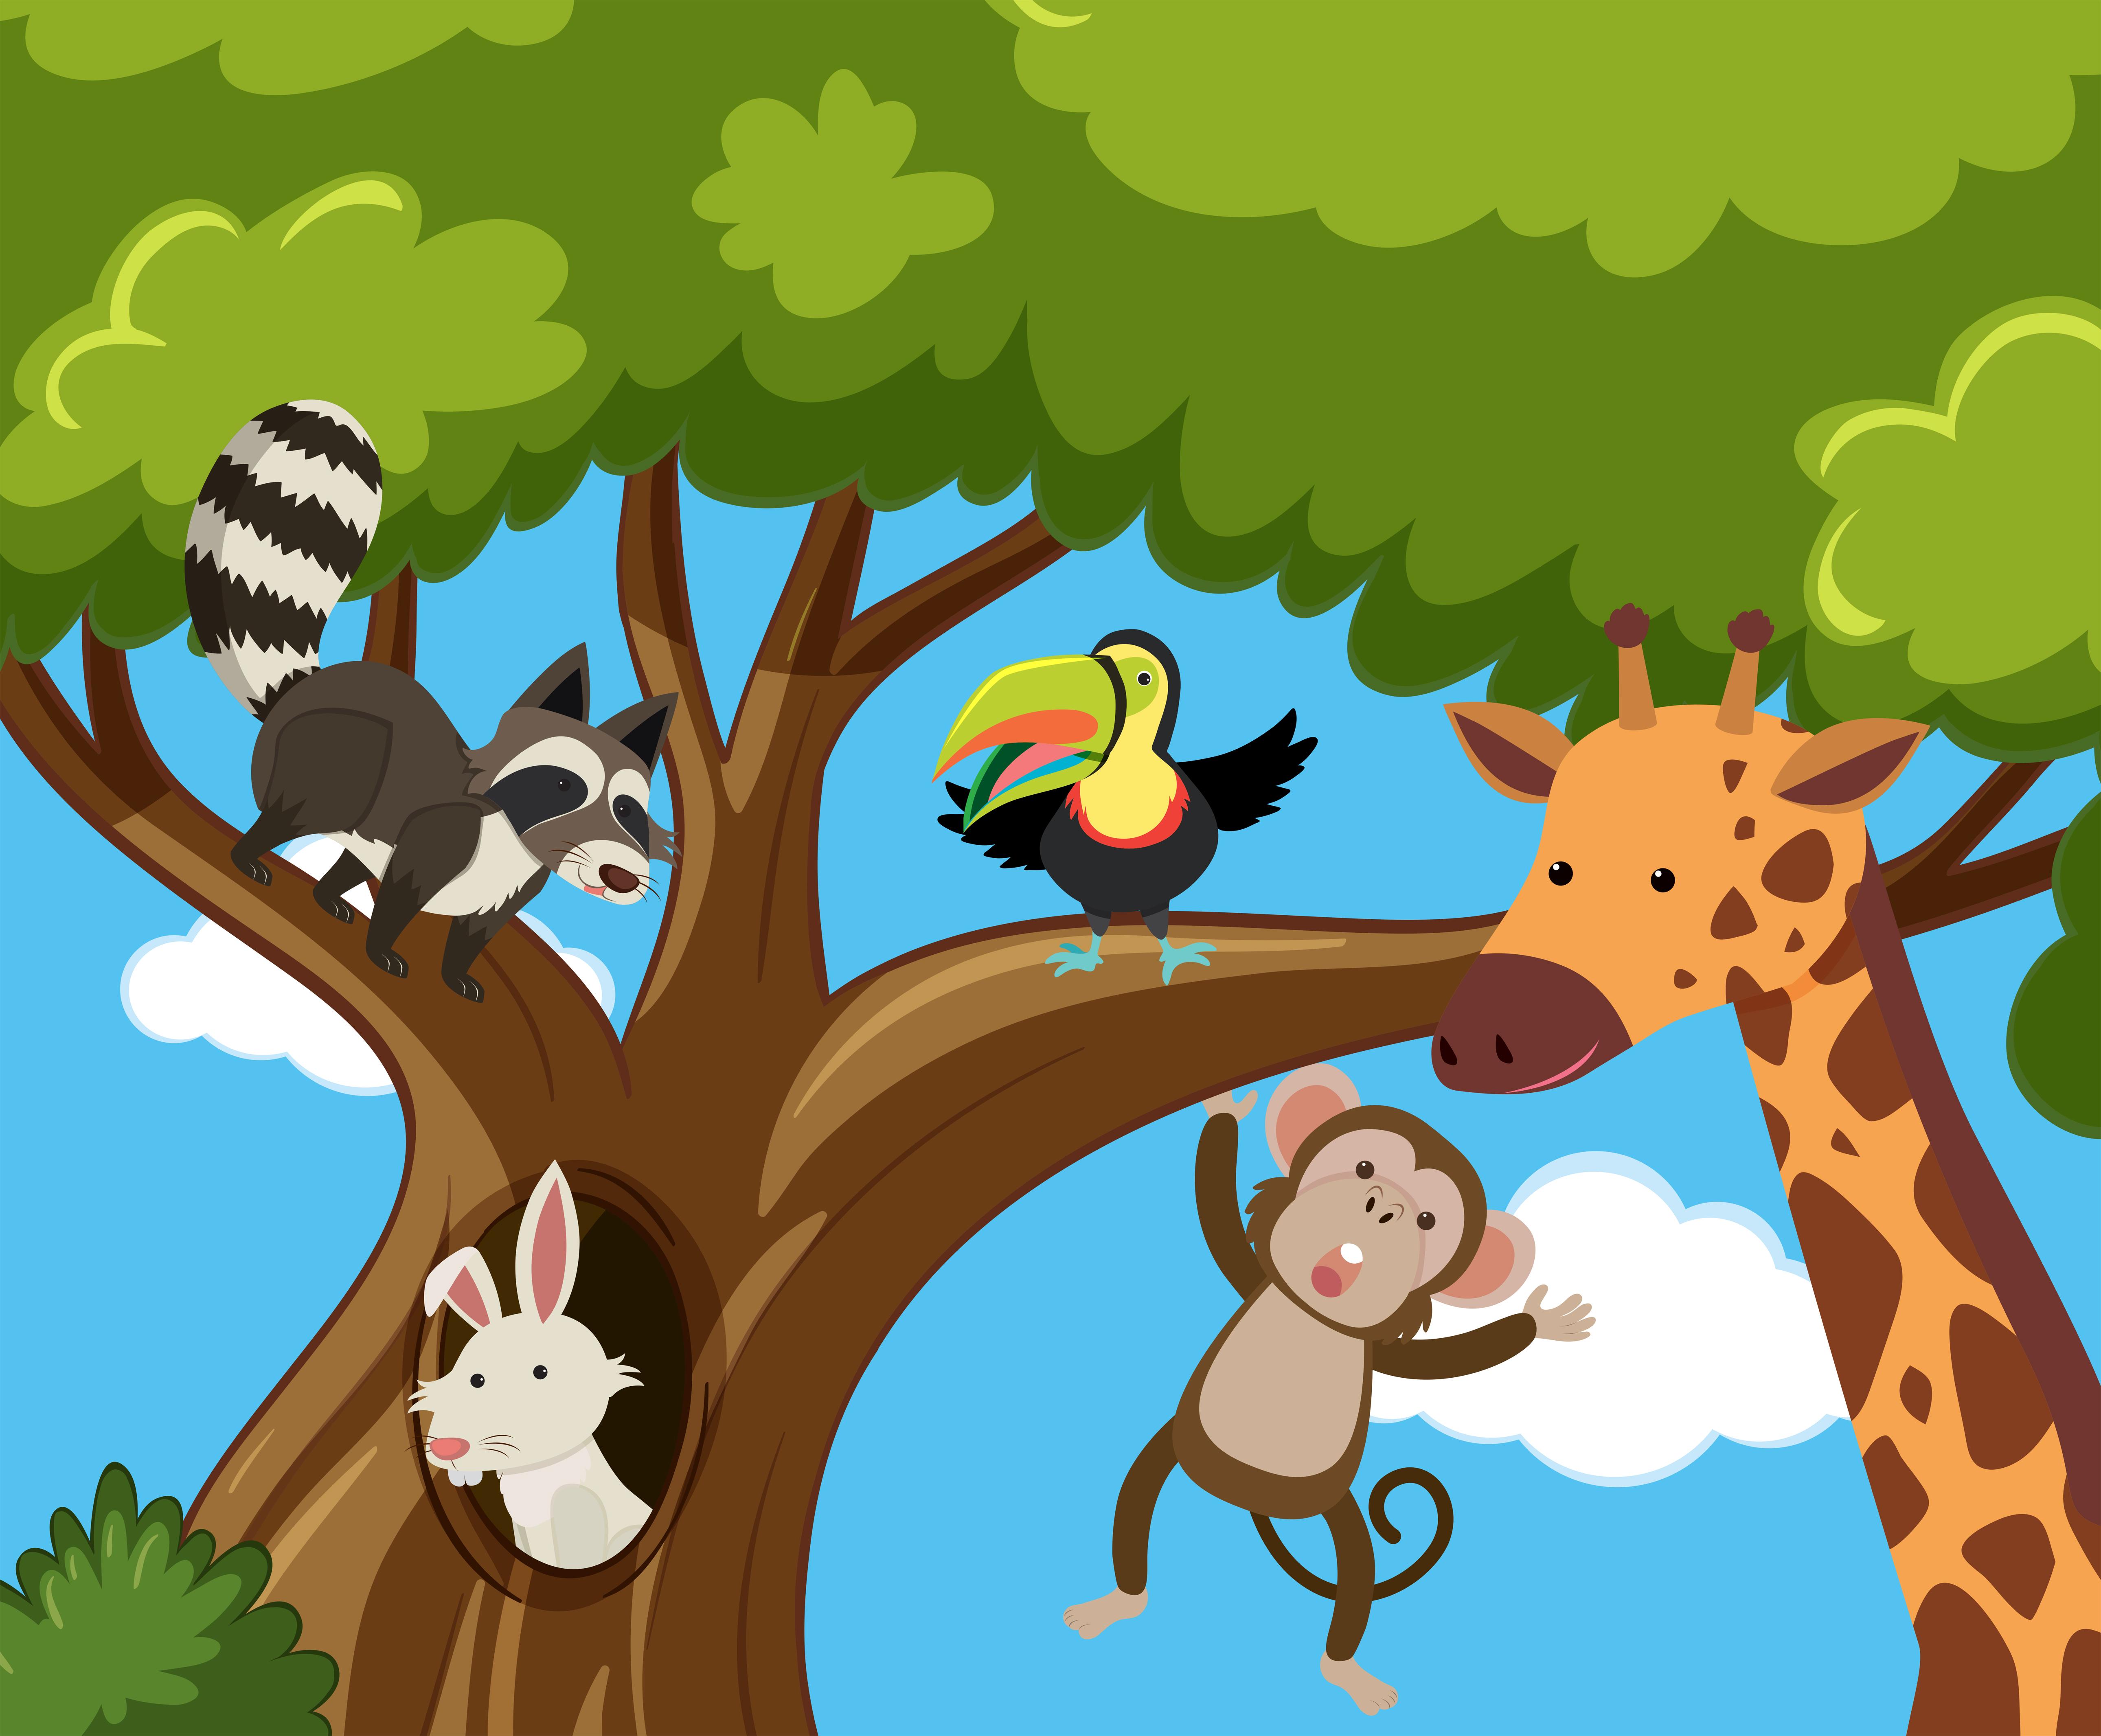 Many Animals On The Tree